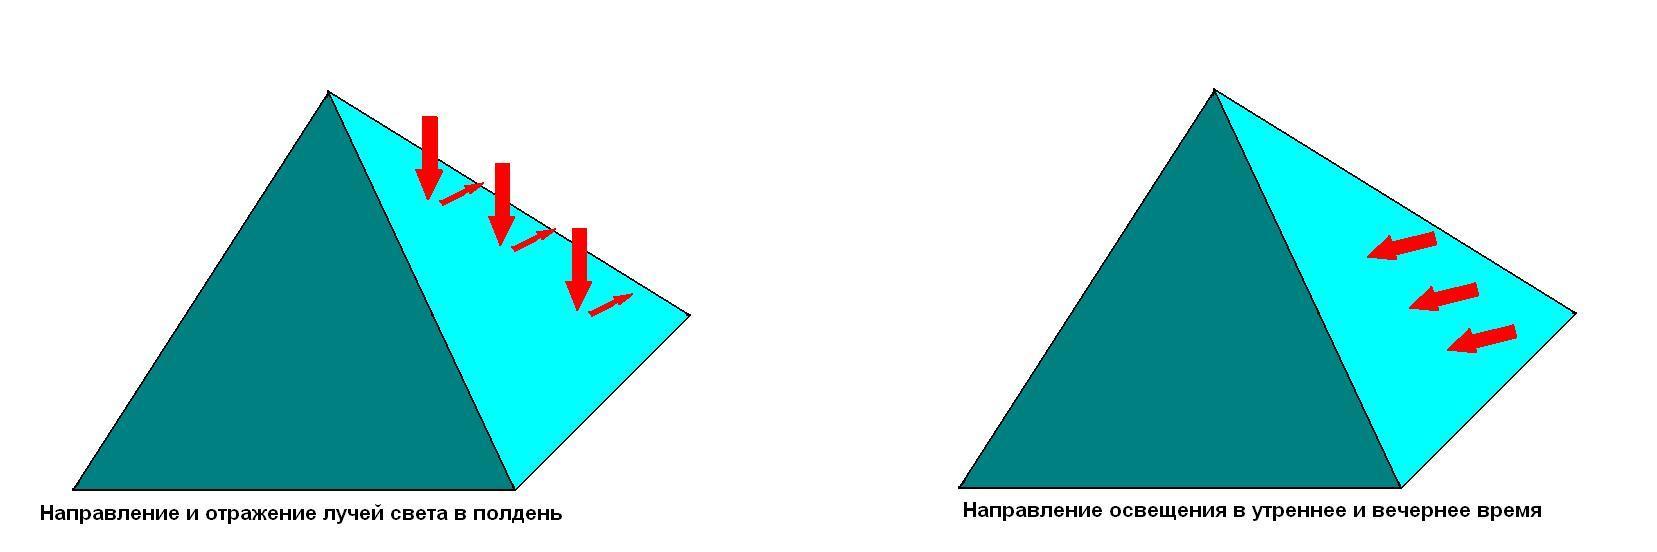 Особенности освещения пирамидальной теплицы